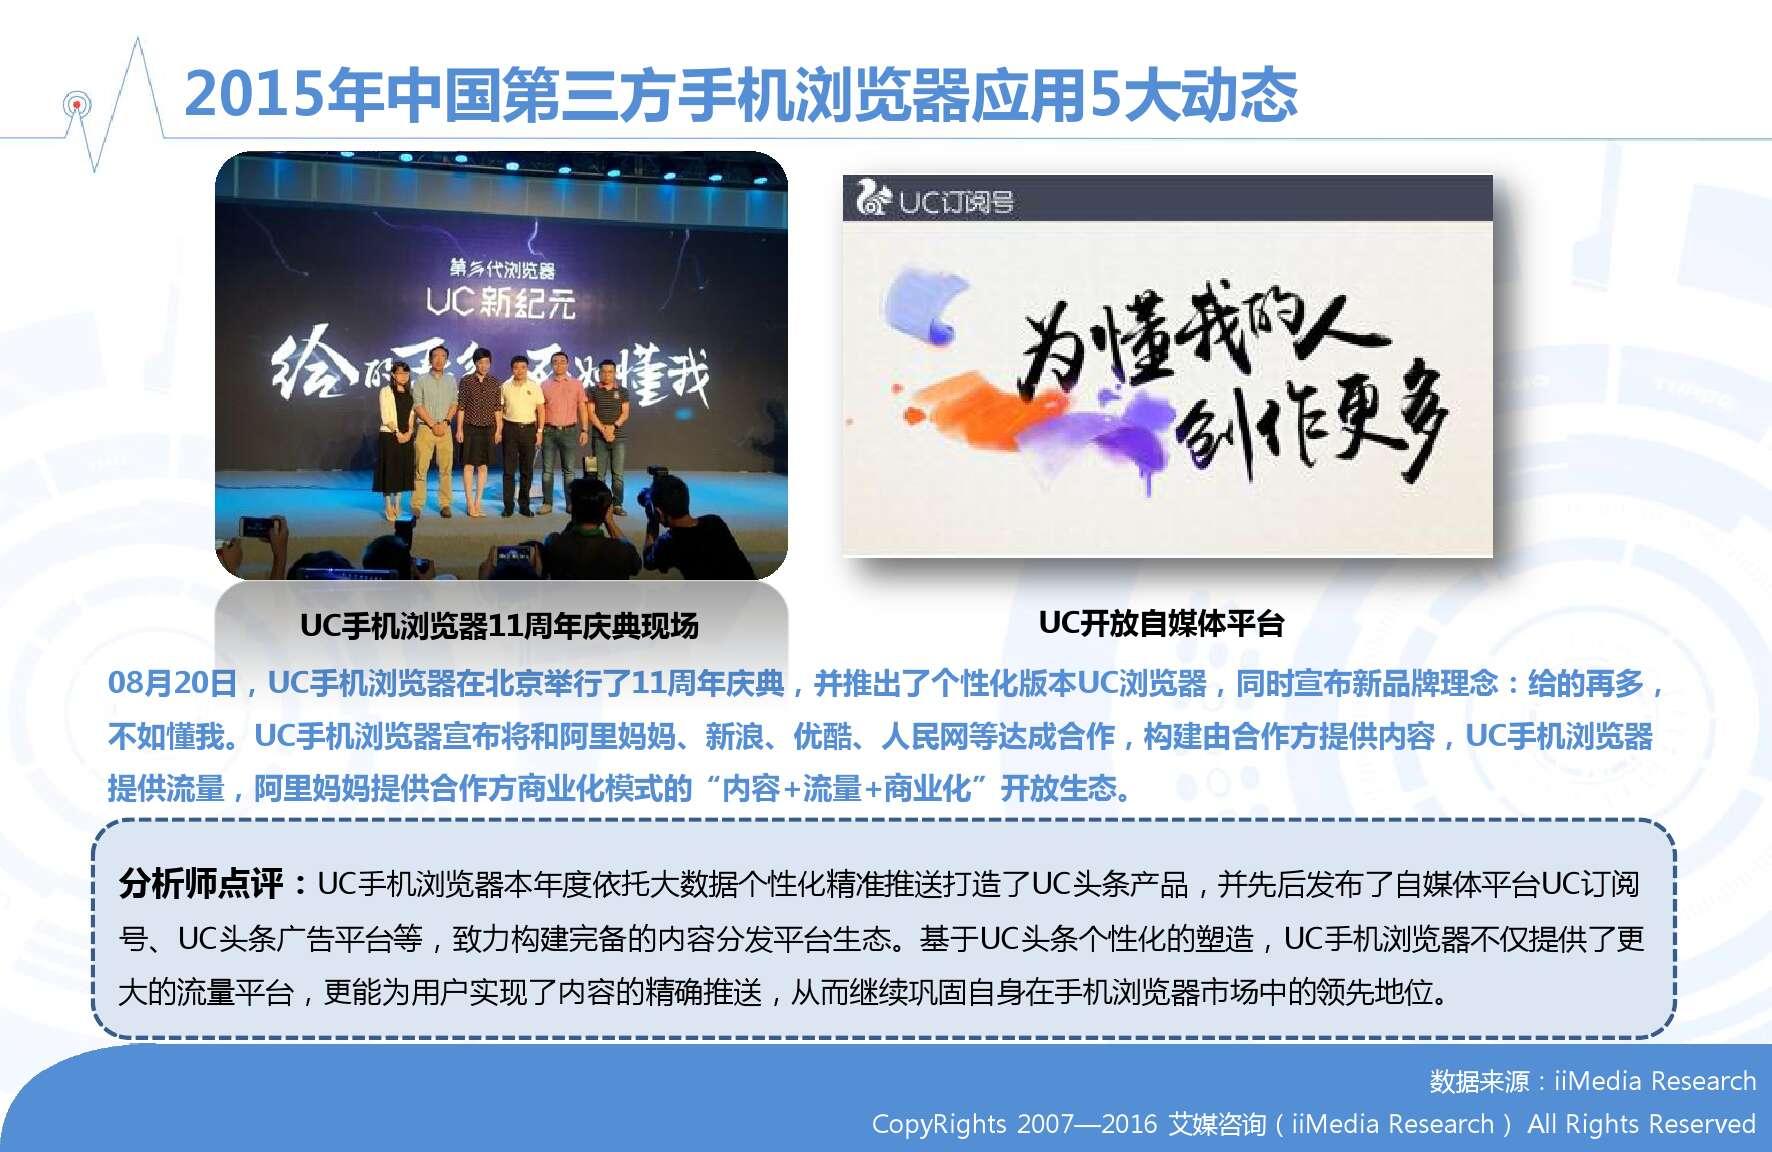 艾媒咨询:2015-2016年中国手机浏览器市场研究报告_000008